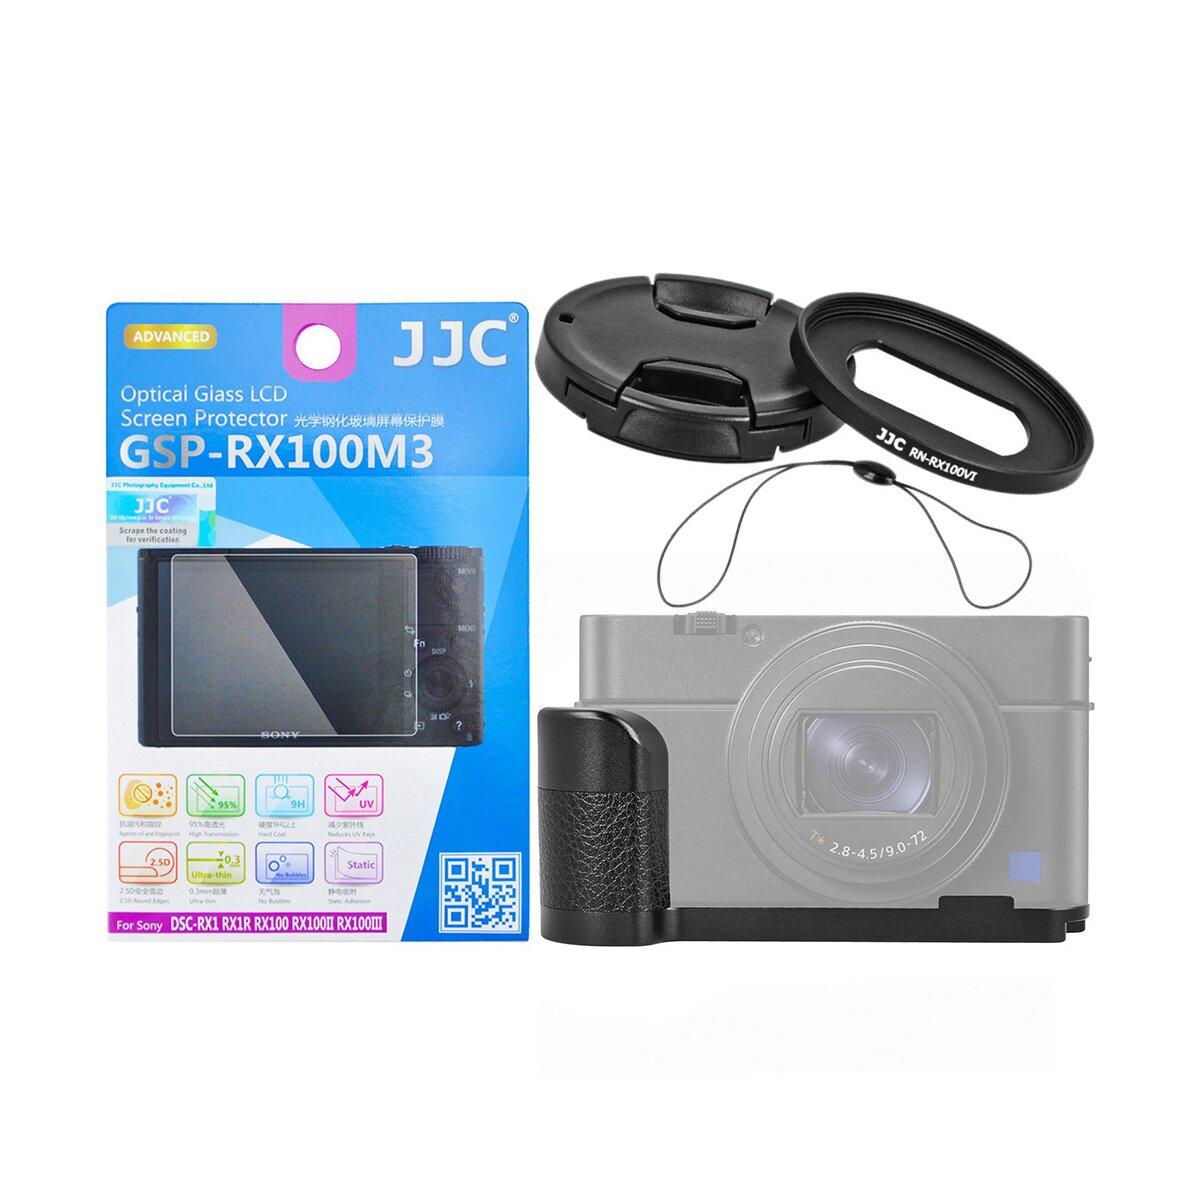 JJC Zubehör Set Kit Kompatibel mit Sony RX100 M2 M3 M4 M5 M6  mit L-Platte, Adapterfilter 52mm mit Objektivdeckel(Smart Snap) und Sicherheitskordel plus passender LCD-Displayschutzglas